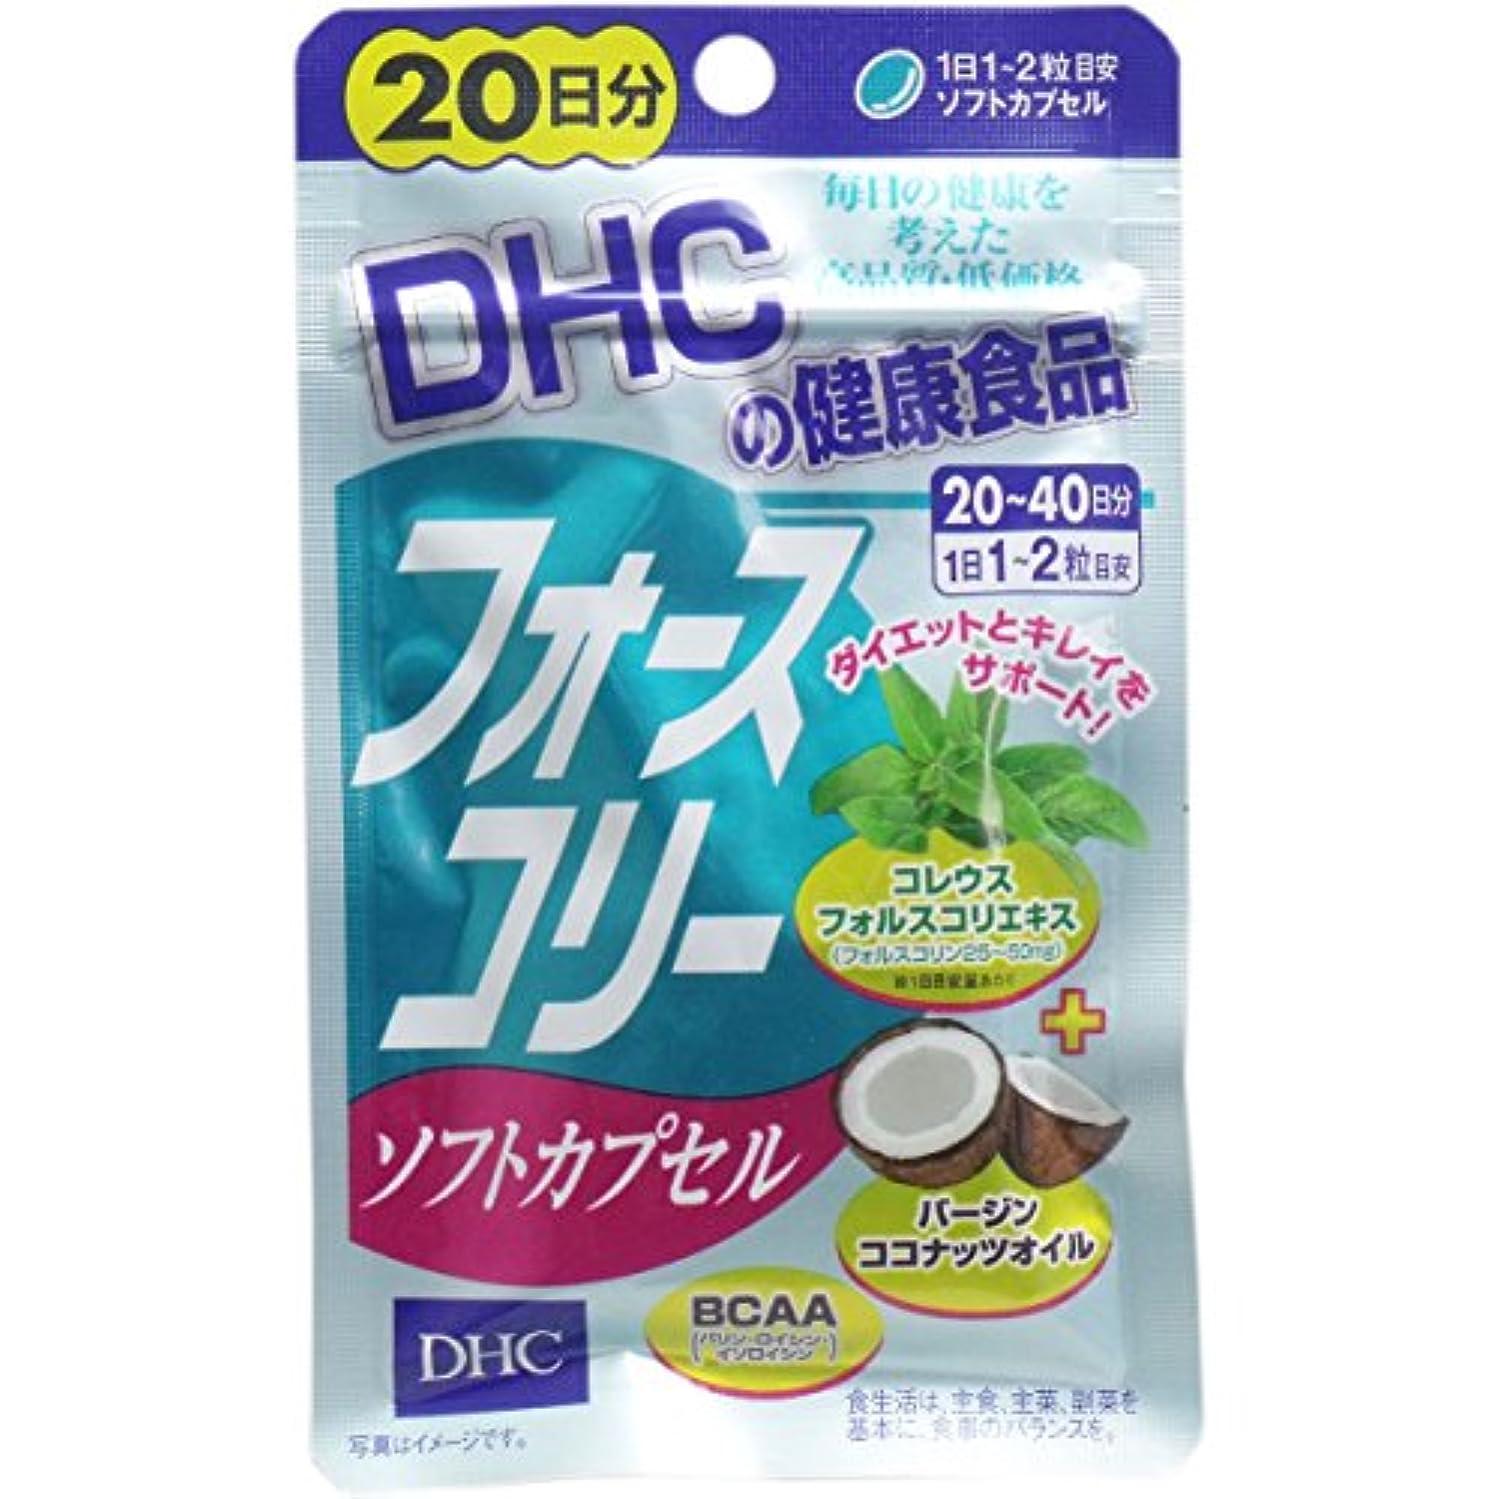 スズメバチ理解する直面するDHC フォースコリー ソフトカプセル 20日分 20粒入